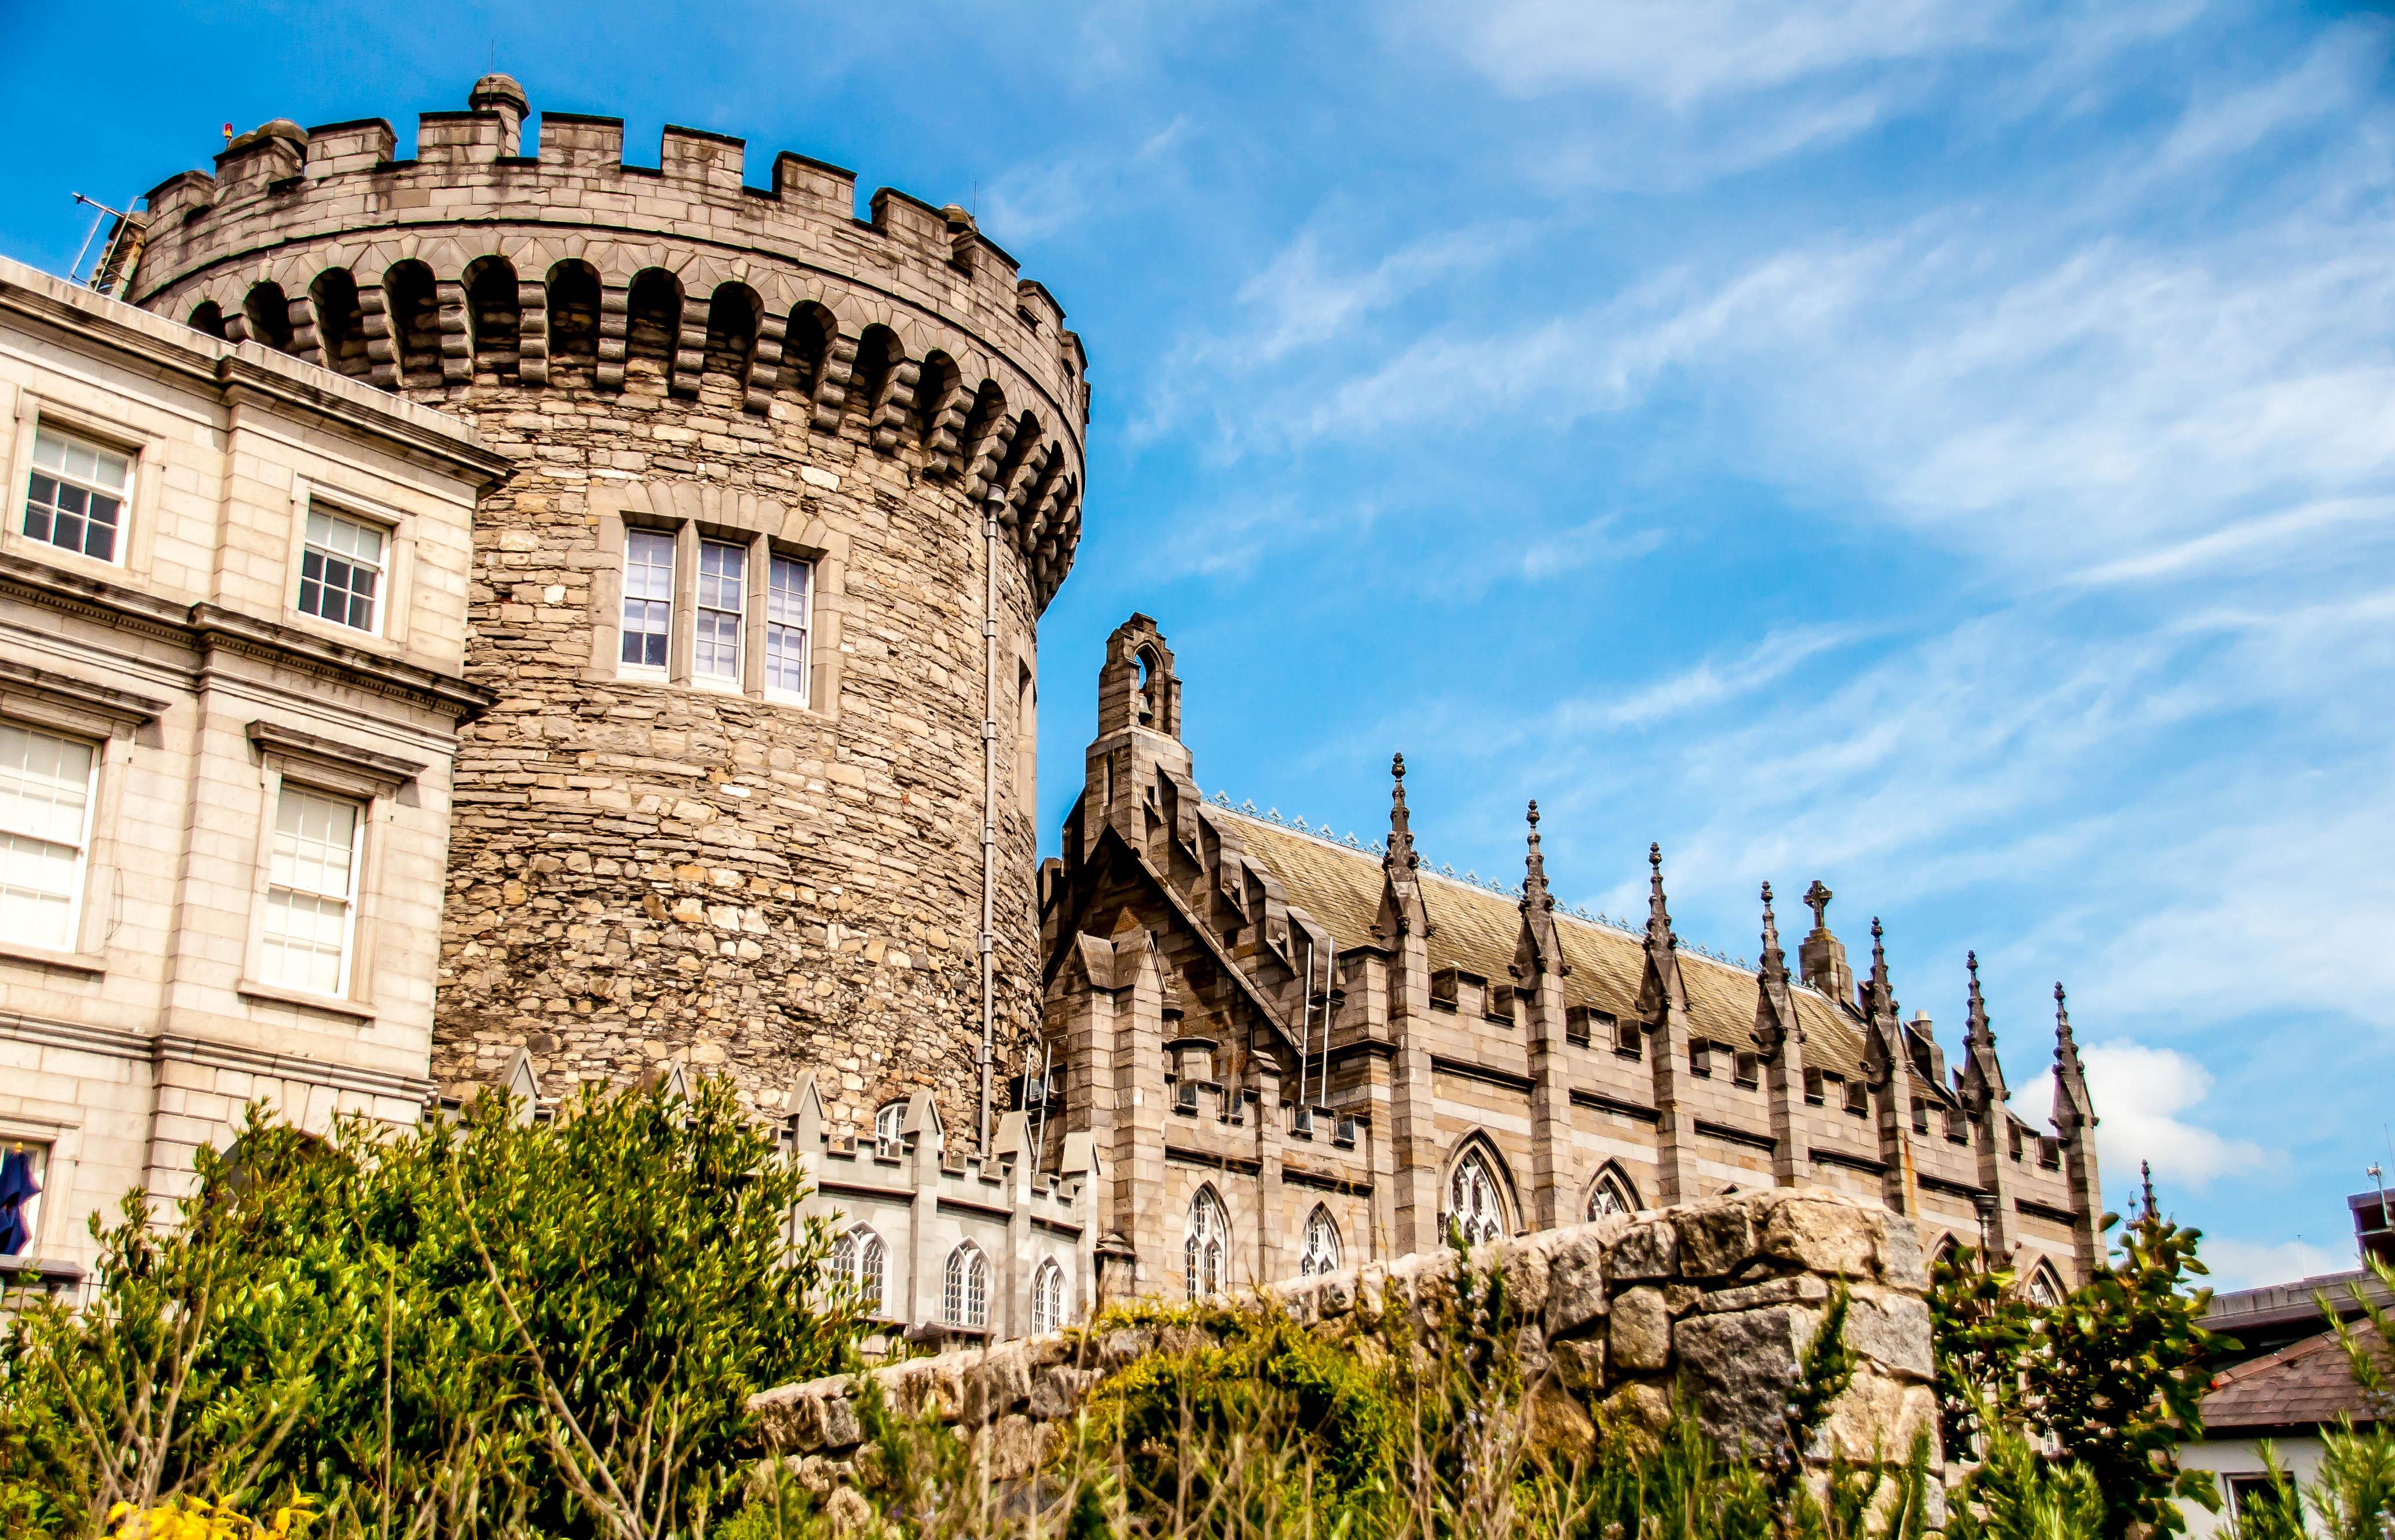 Un castillo, que cuenta la historia de la ciudad a través de sus paredes - Inglaterra Circuito Inglaterra y Escocia